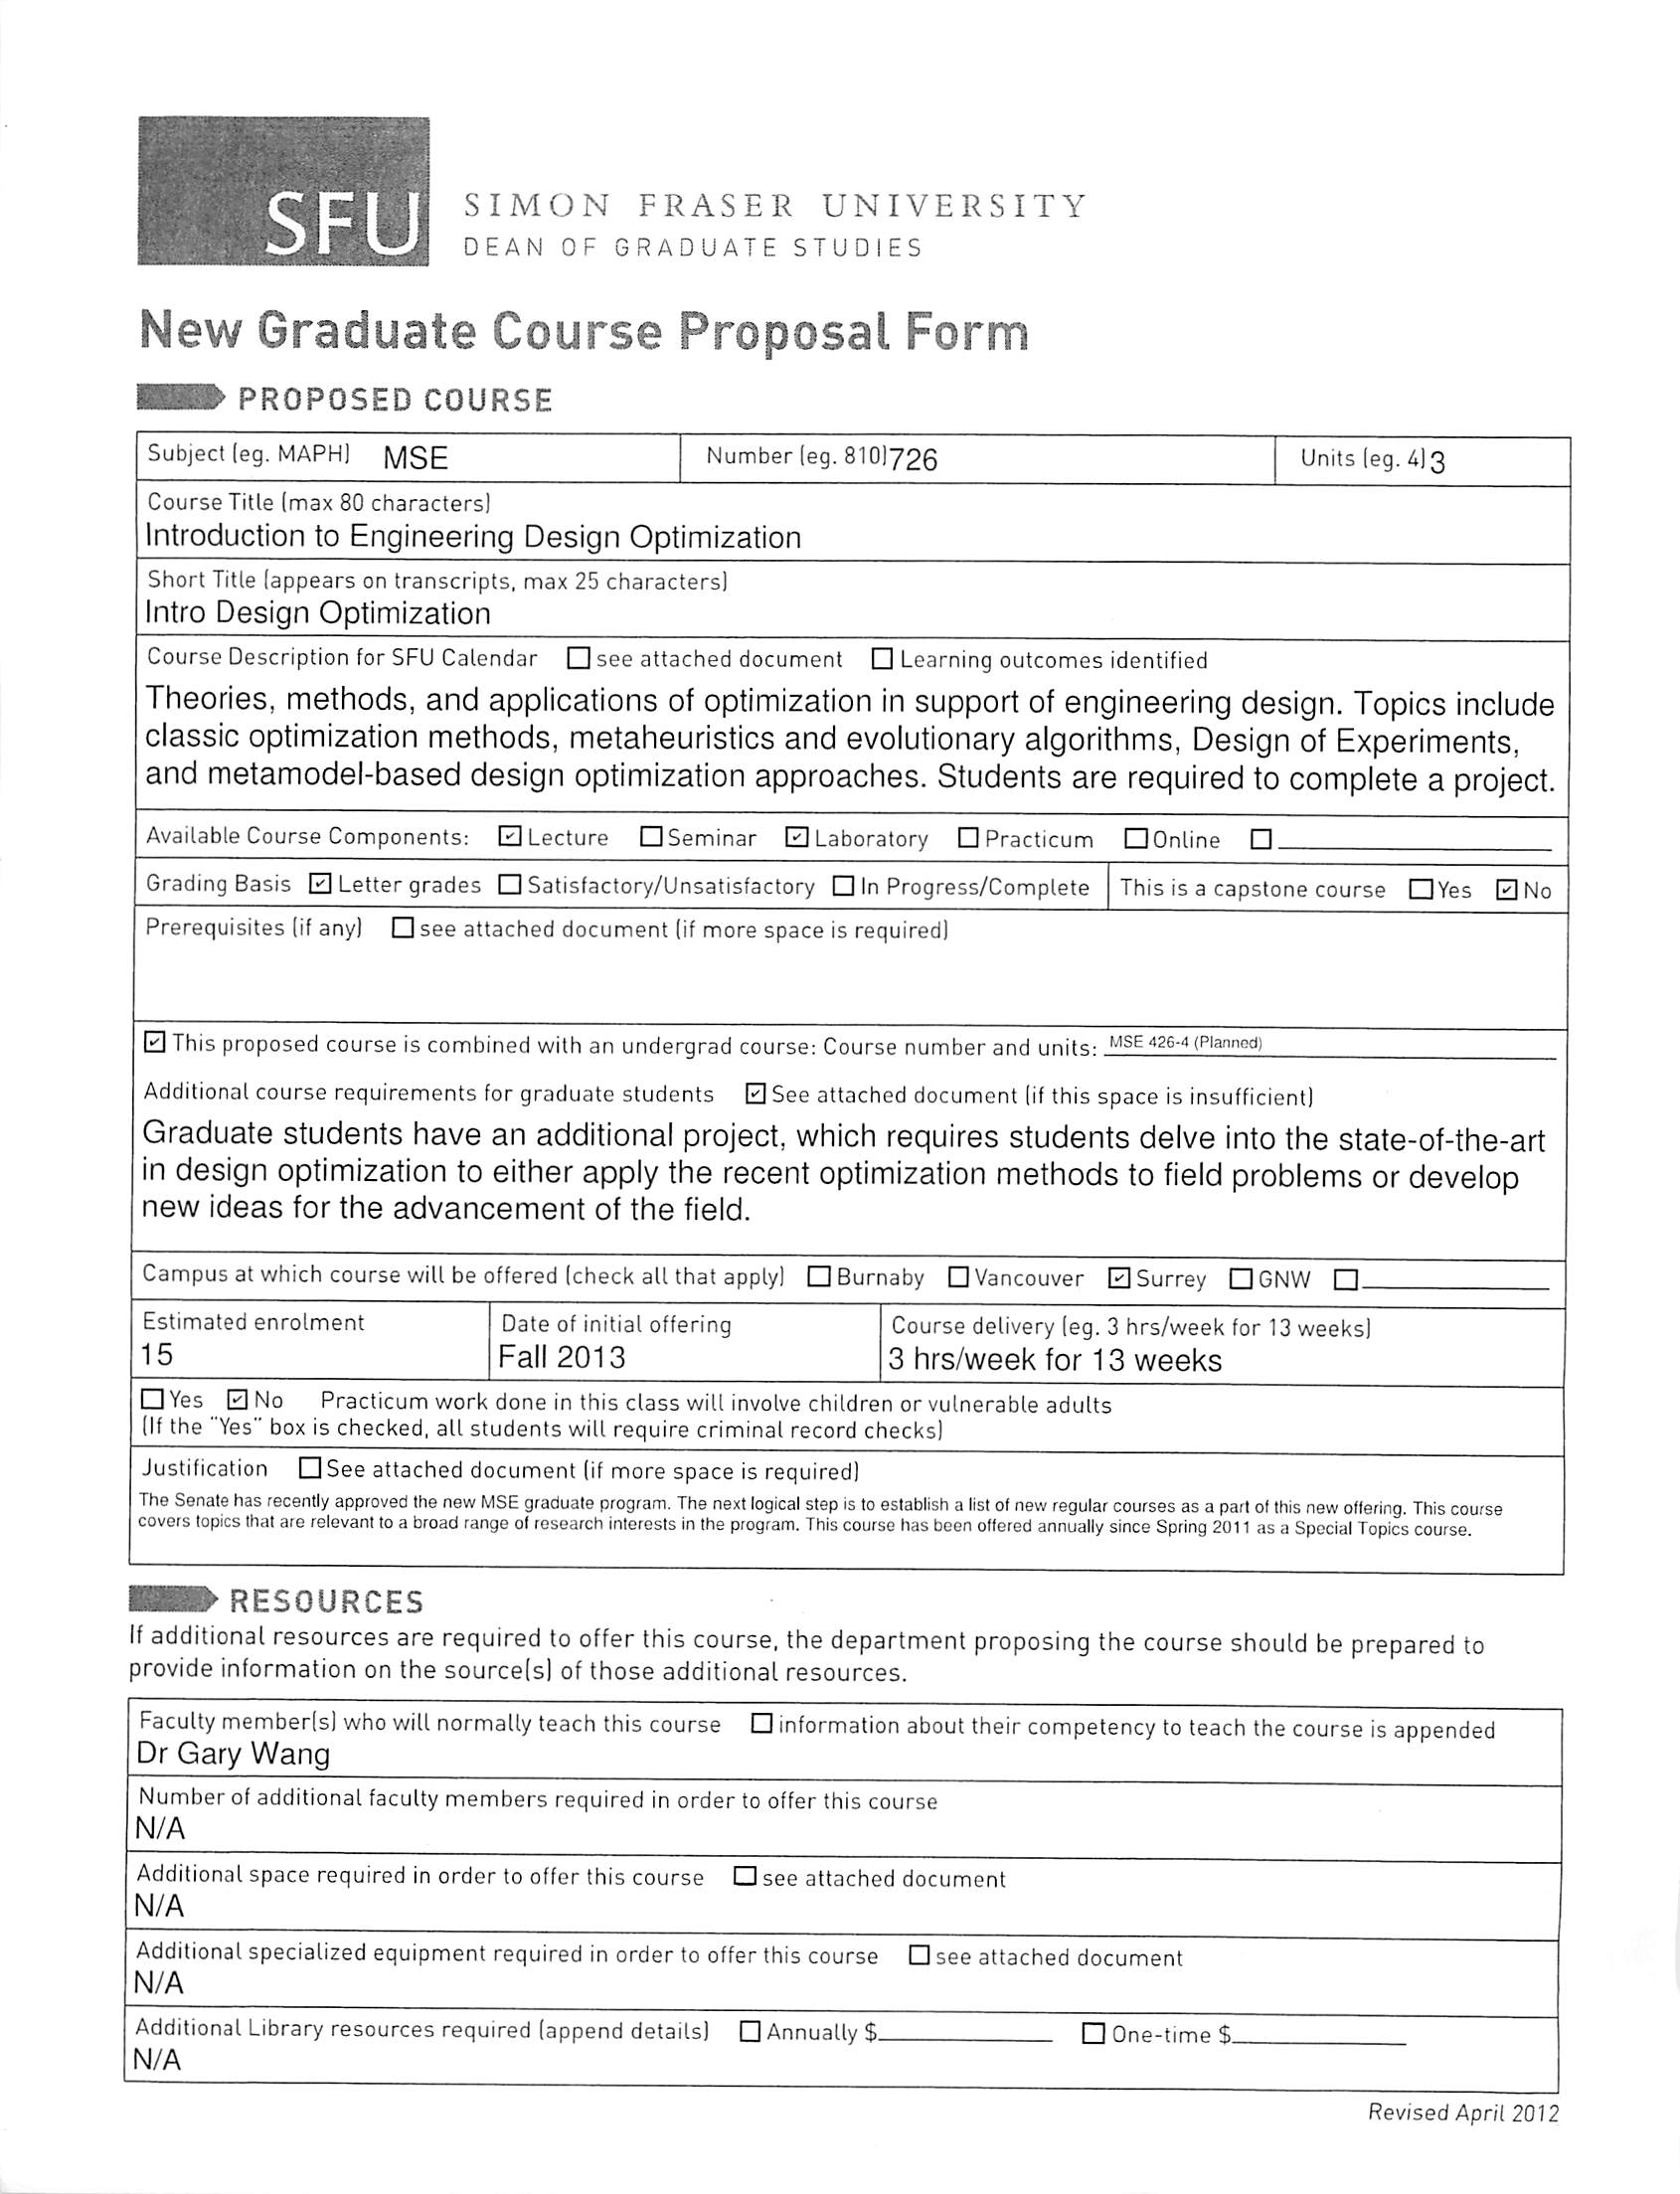 Simon fraser university graduate application